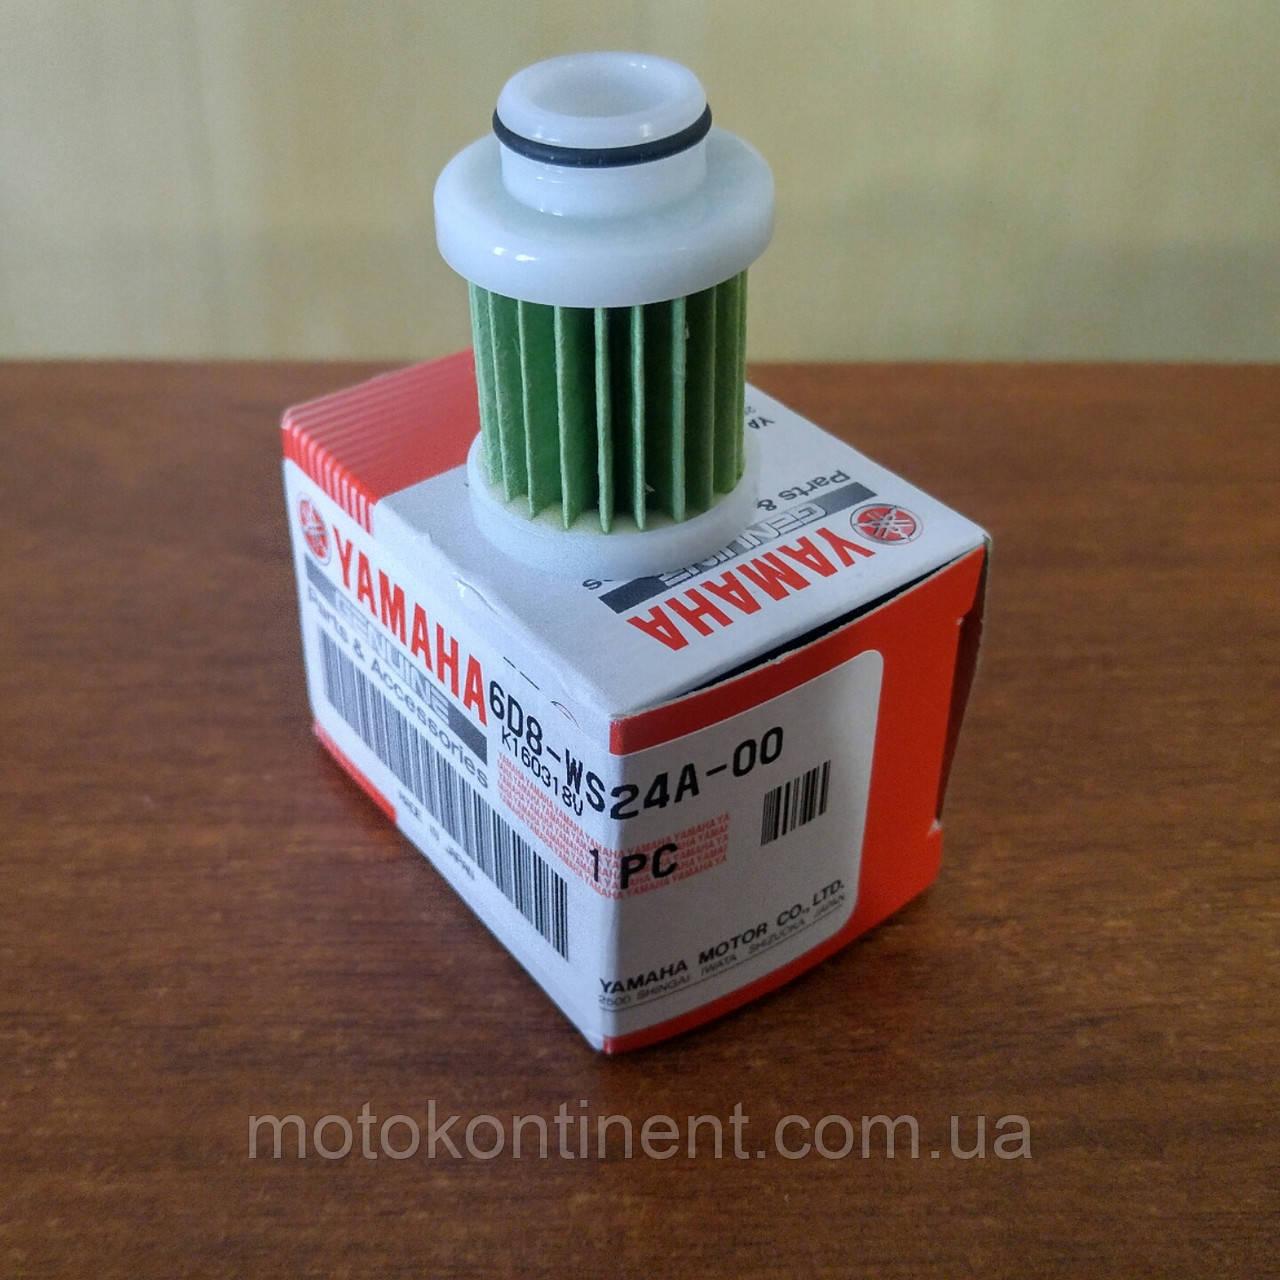 6D8-WS24A-00 Фільтр паливний Yamaha/ Mercury F40-F115